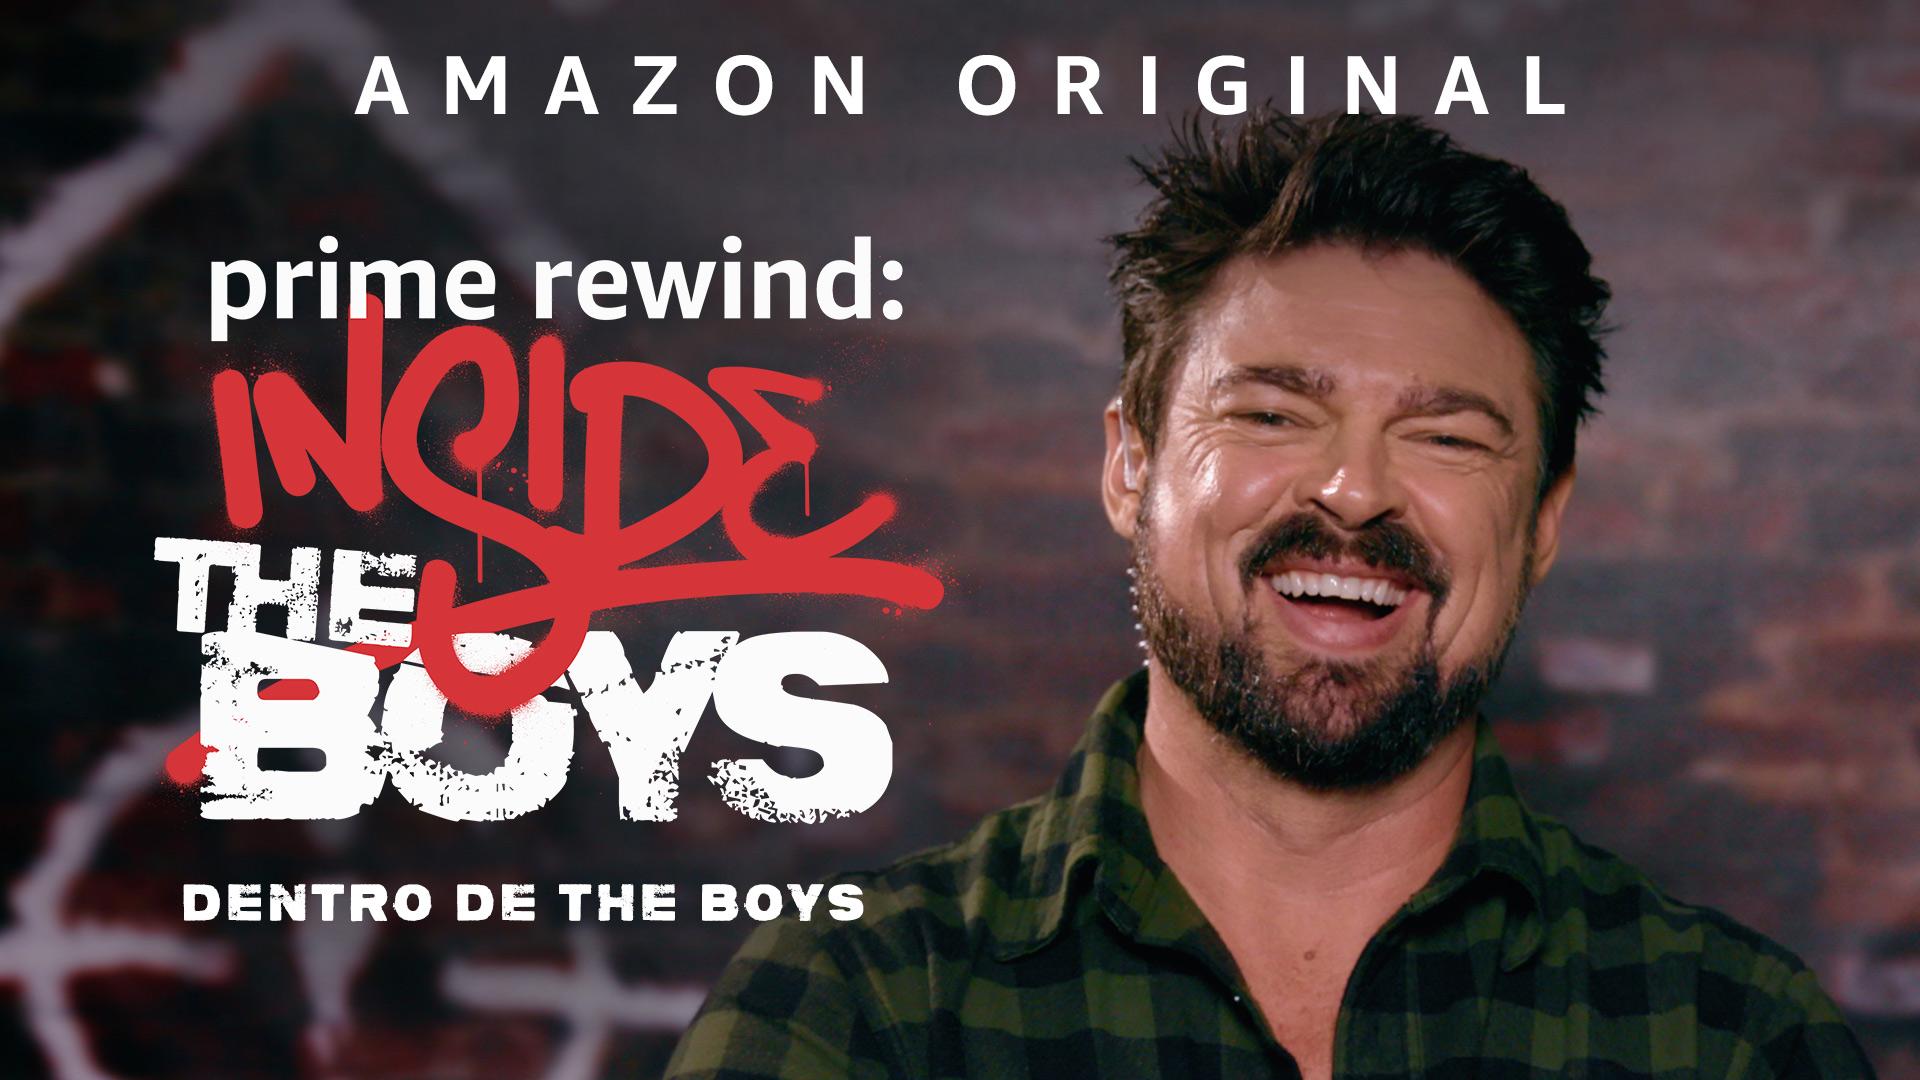 Prime Rewind: The Boys por dentro - Temporada 1